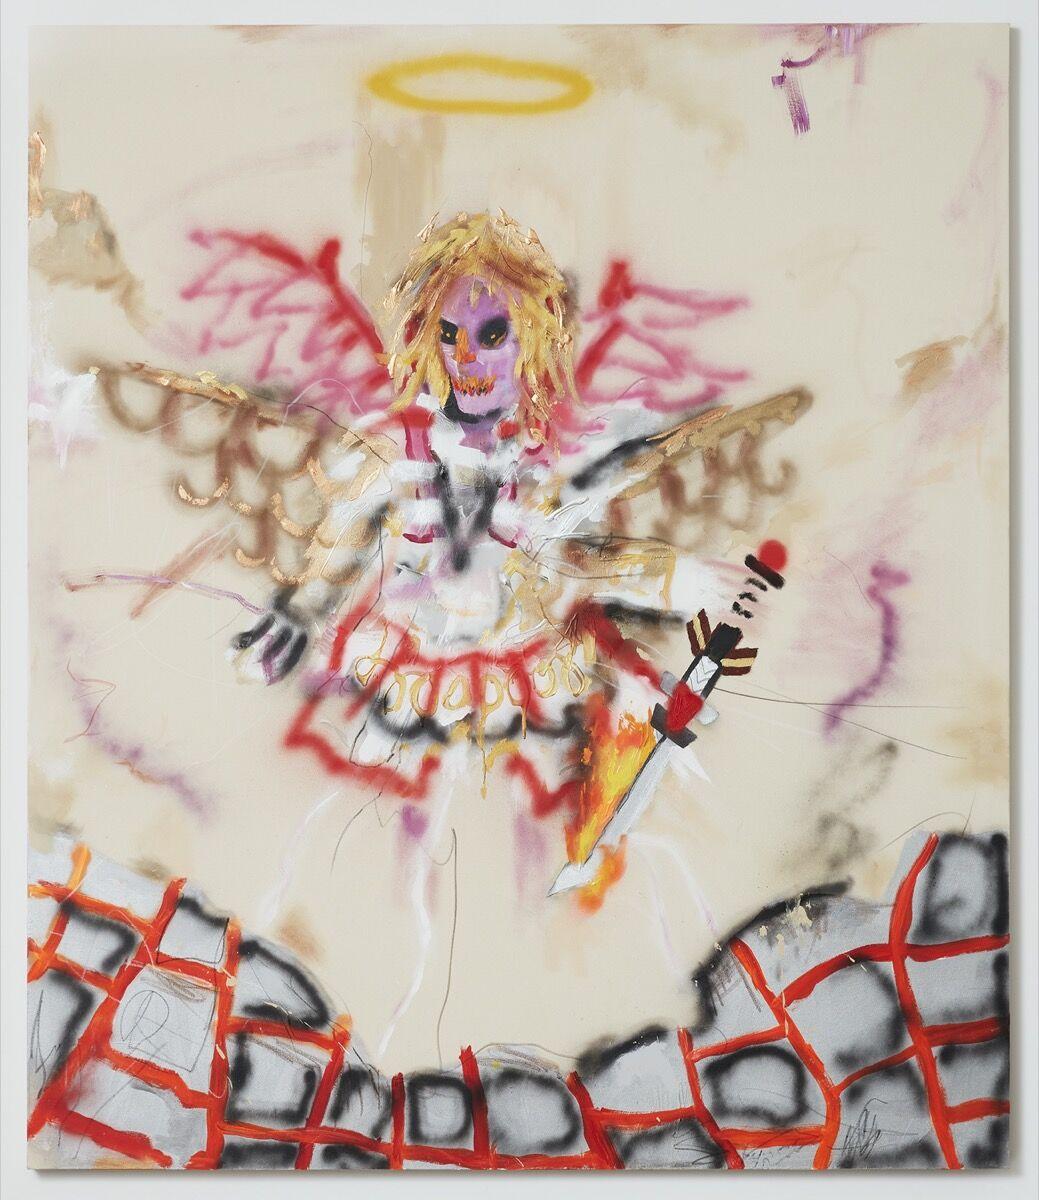 Robert Nava, Volcanic Angel, 2020. © Robert Nava. Courtesy of the artist and Vito Schnabel Gallery.